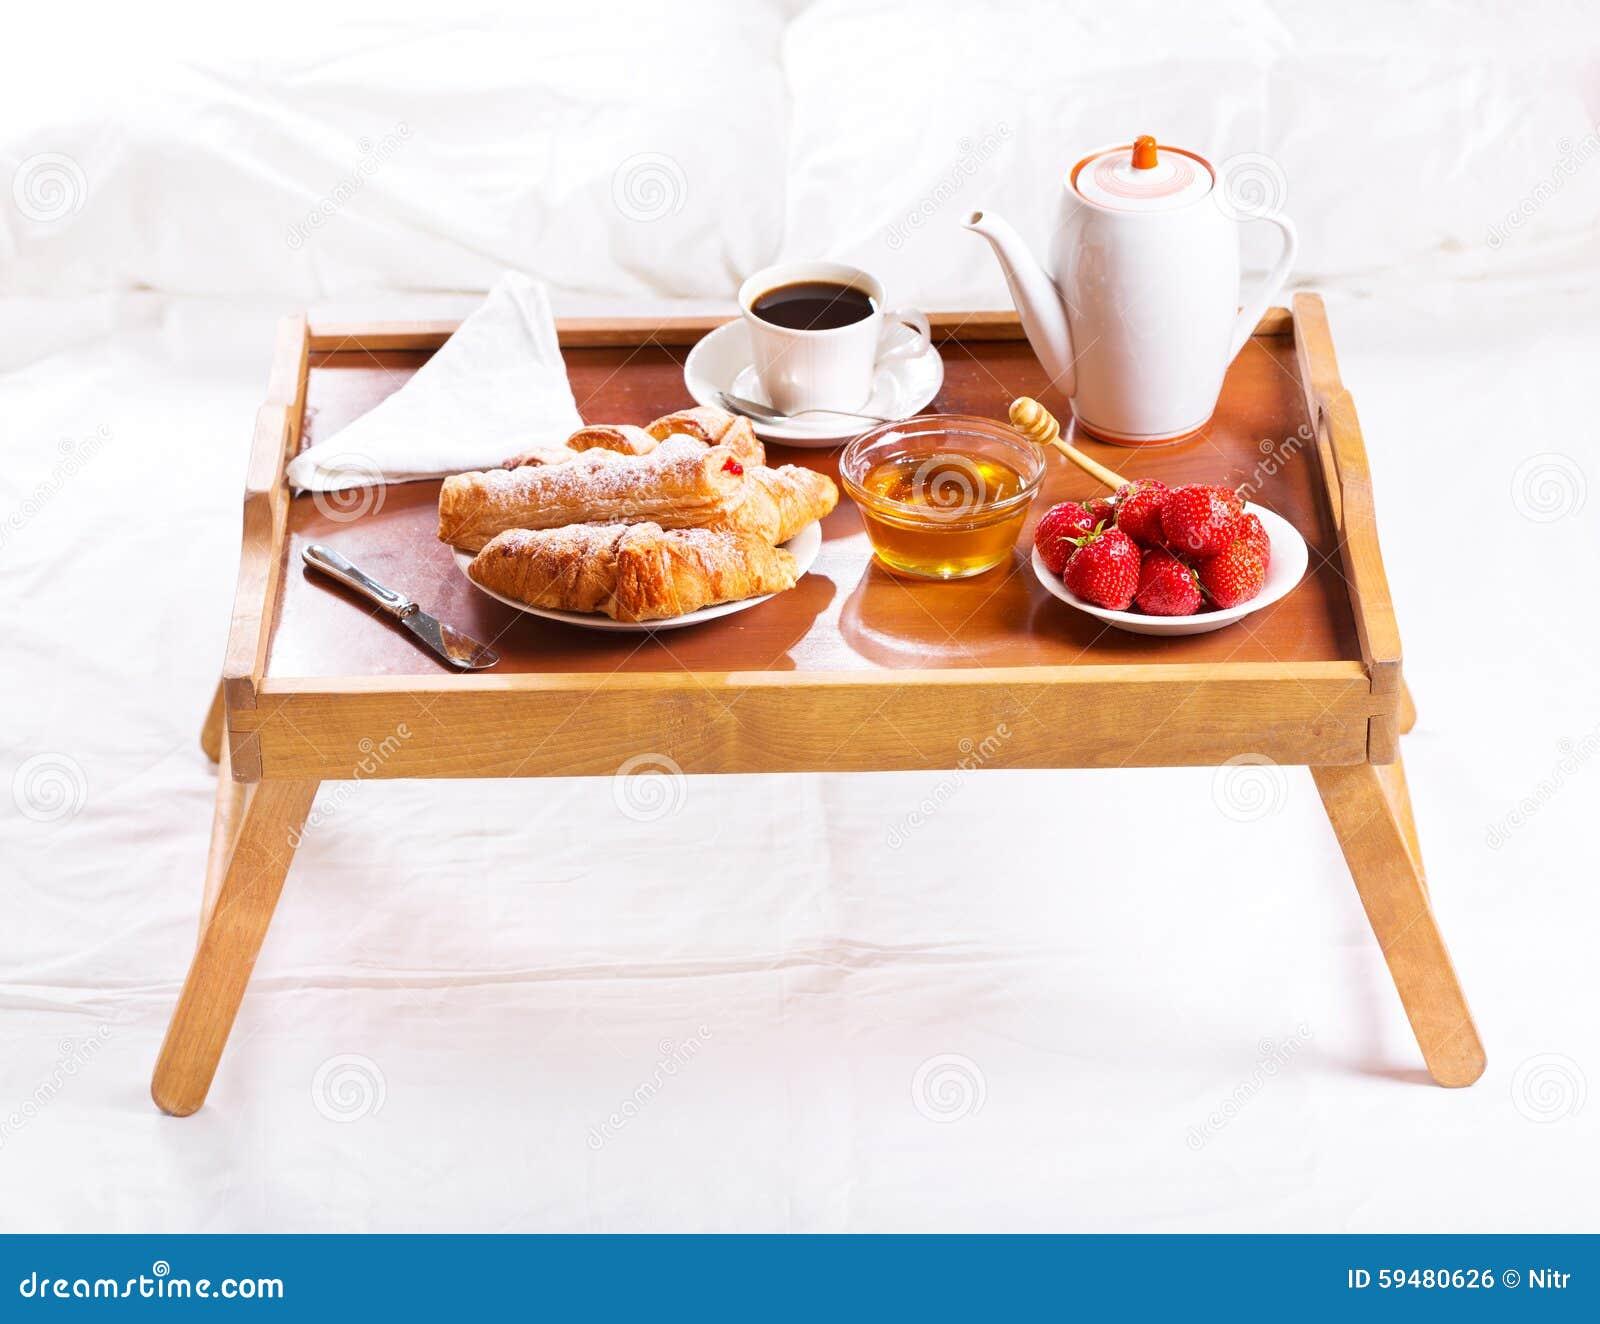 Desayuno en cama bandeja con caf cruasanes y fresas foto de archivo imagen 59480626 - Bandeja desayuno cama ...